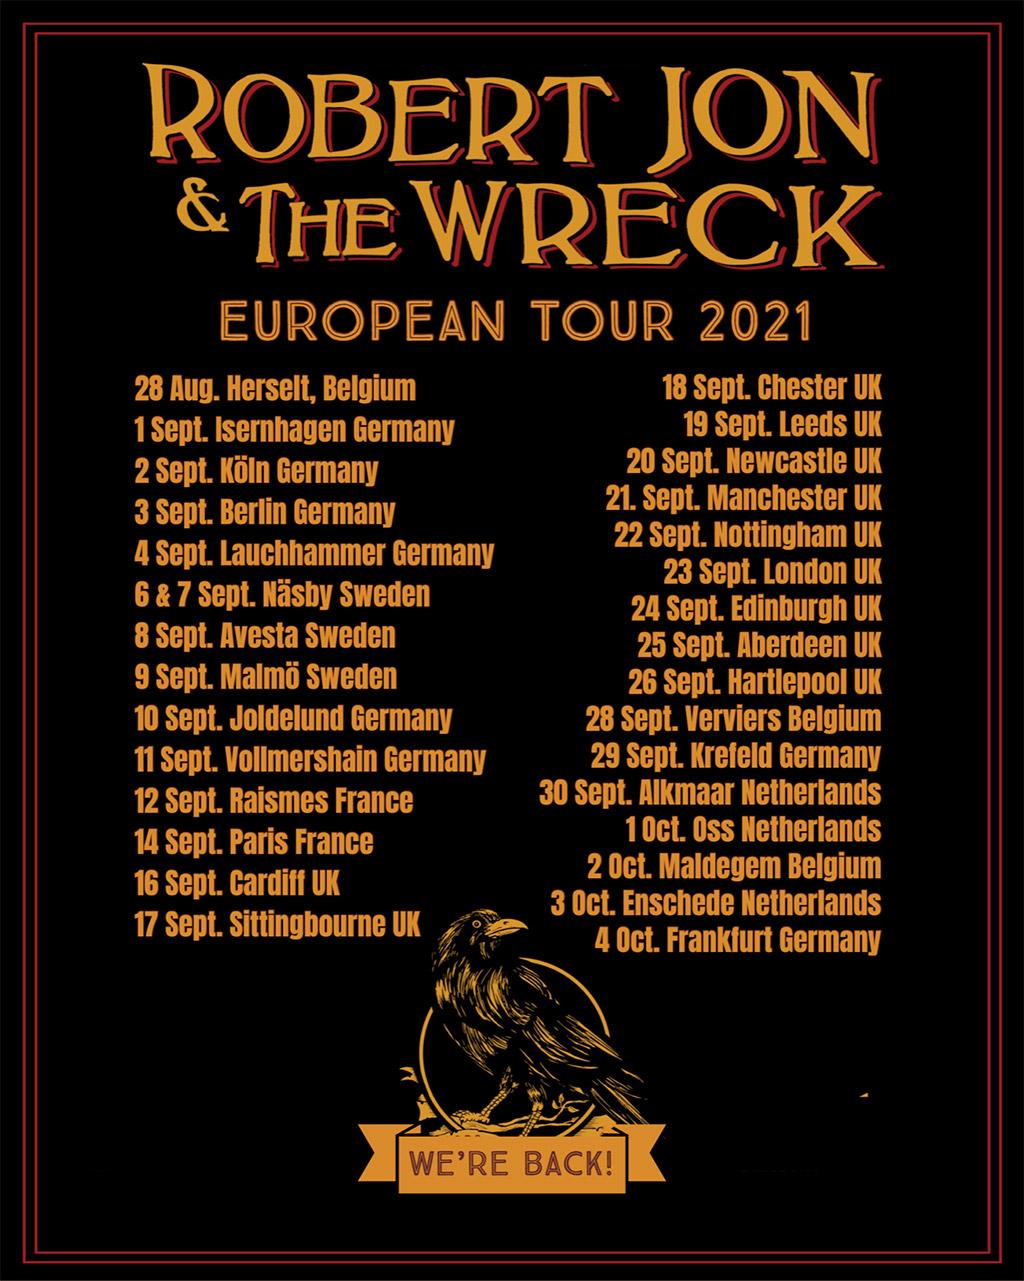 Robert Jon European tour 2021